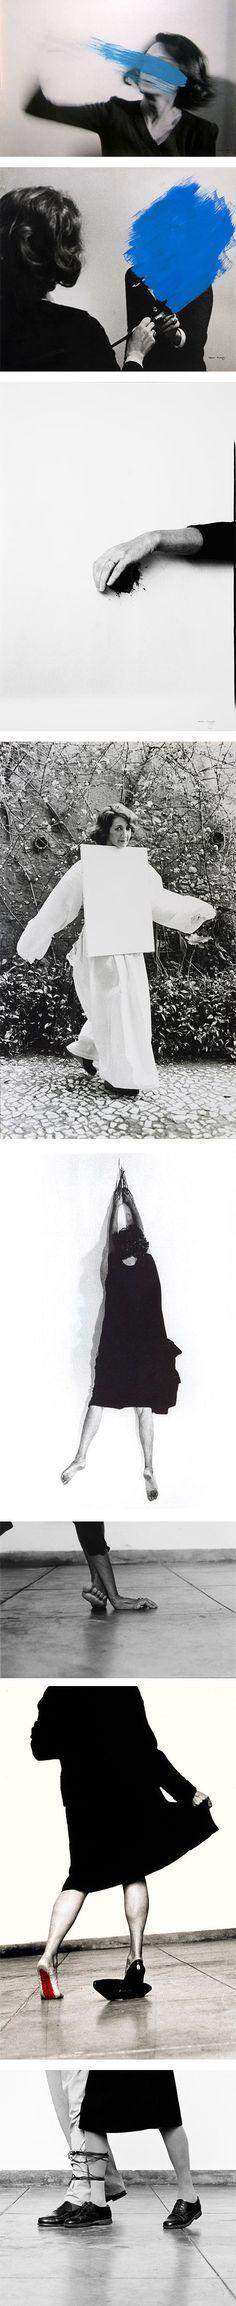 Artist of the week: Helena Almeida on Nuji.com #helenaalmeida #artist #photography